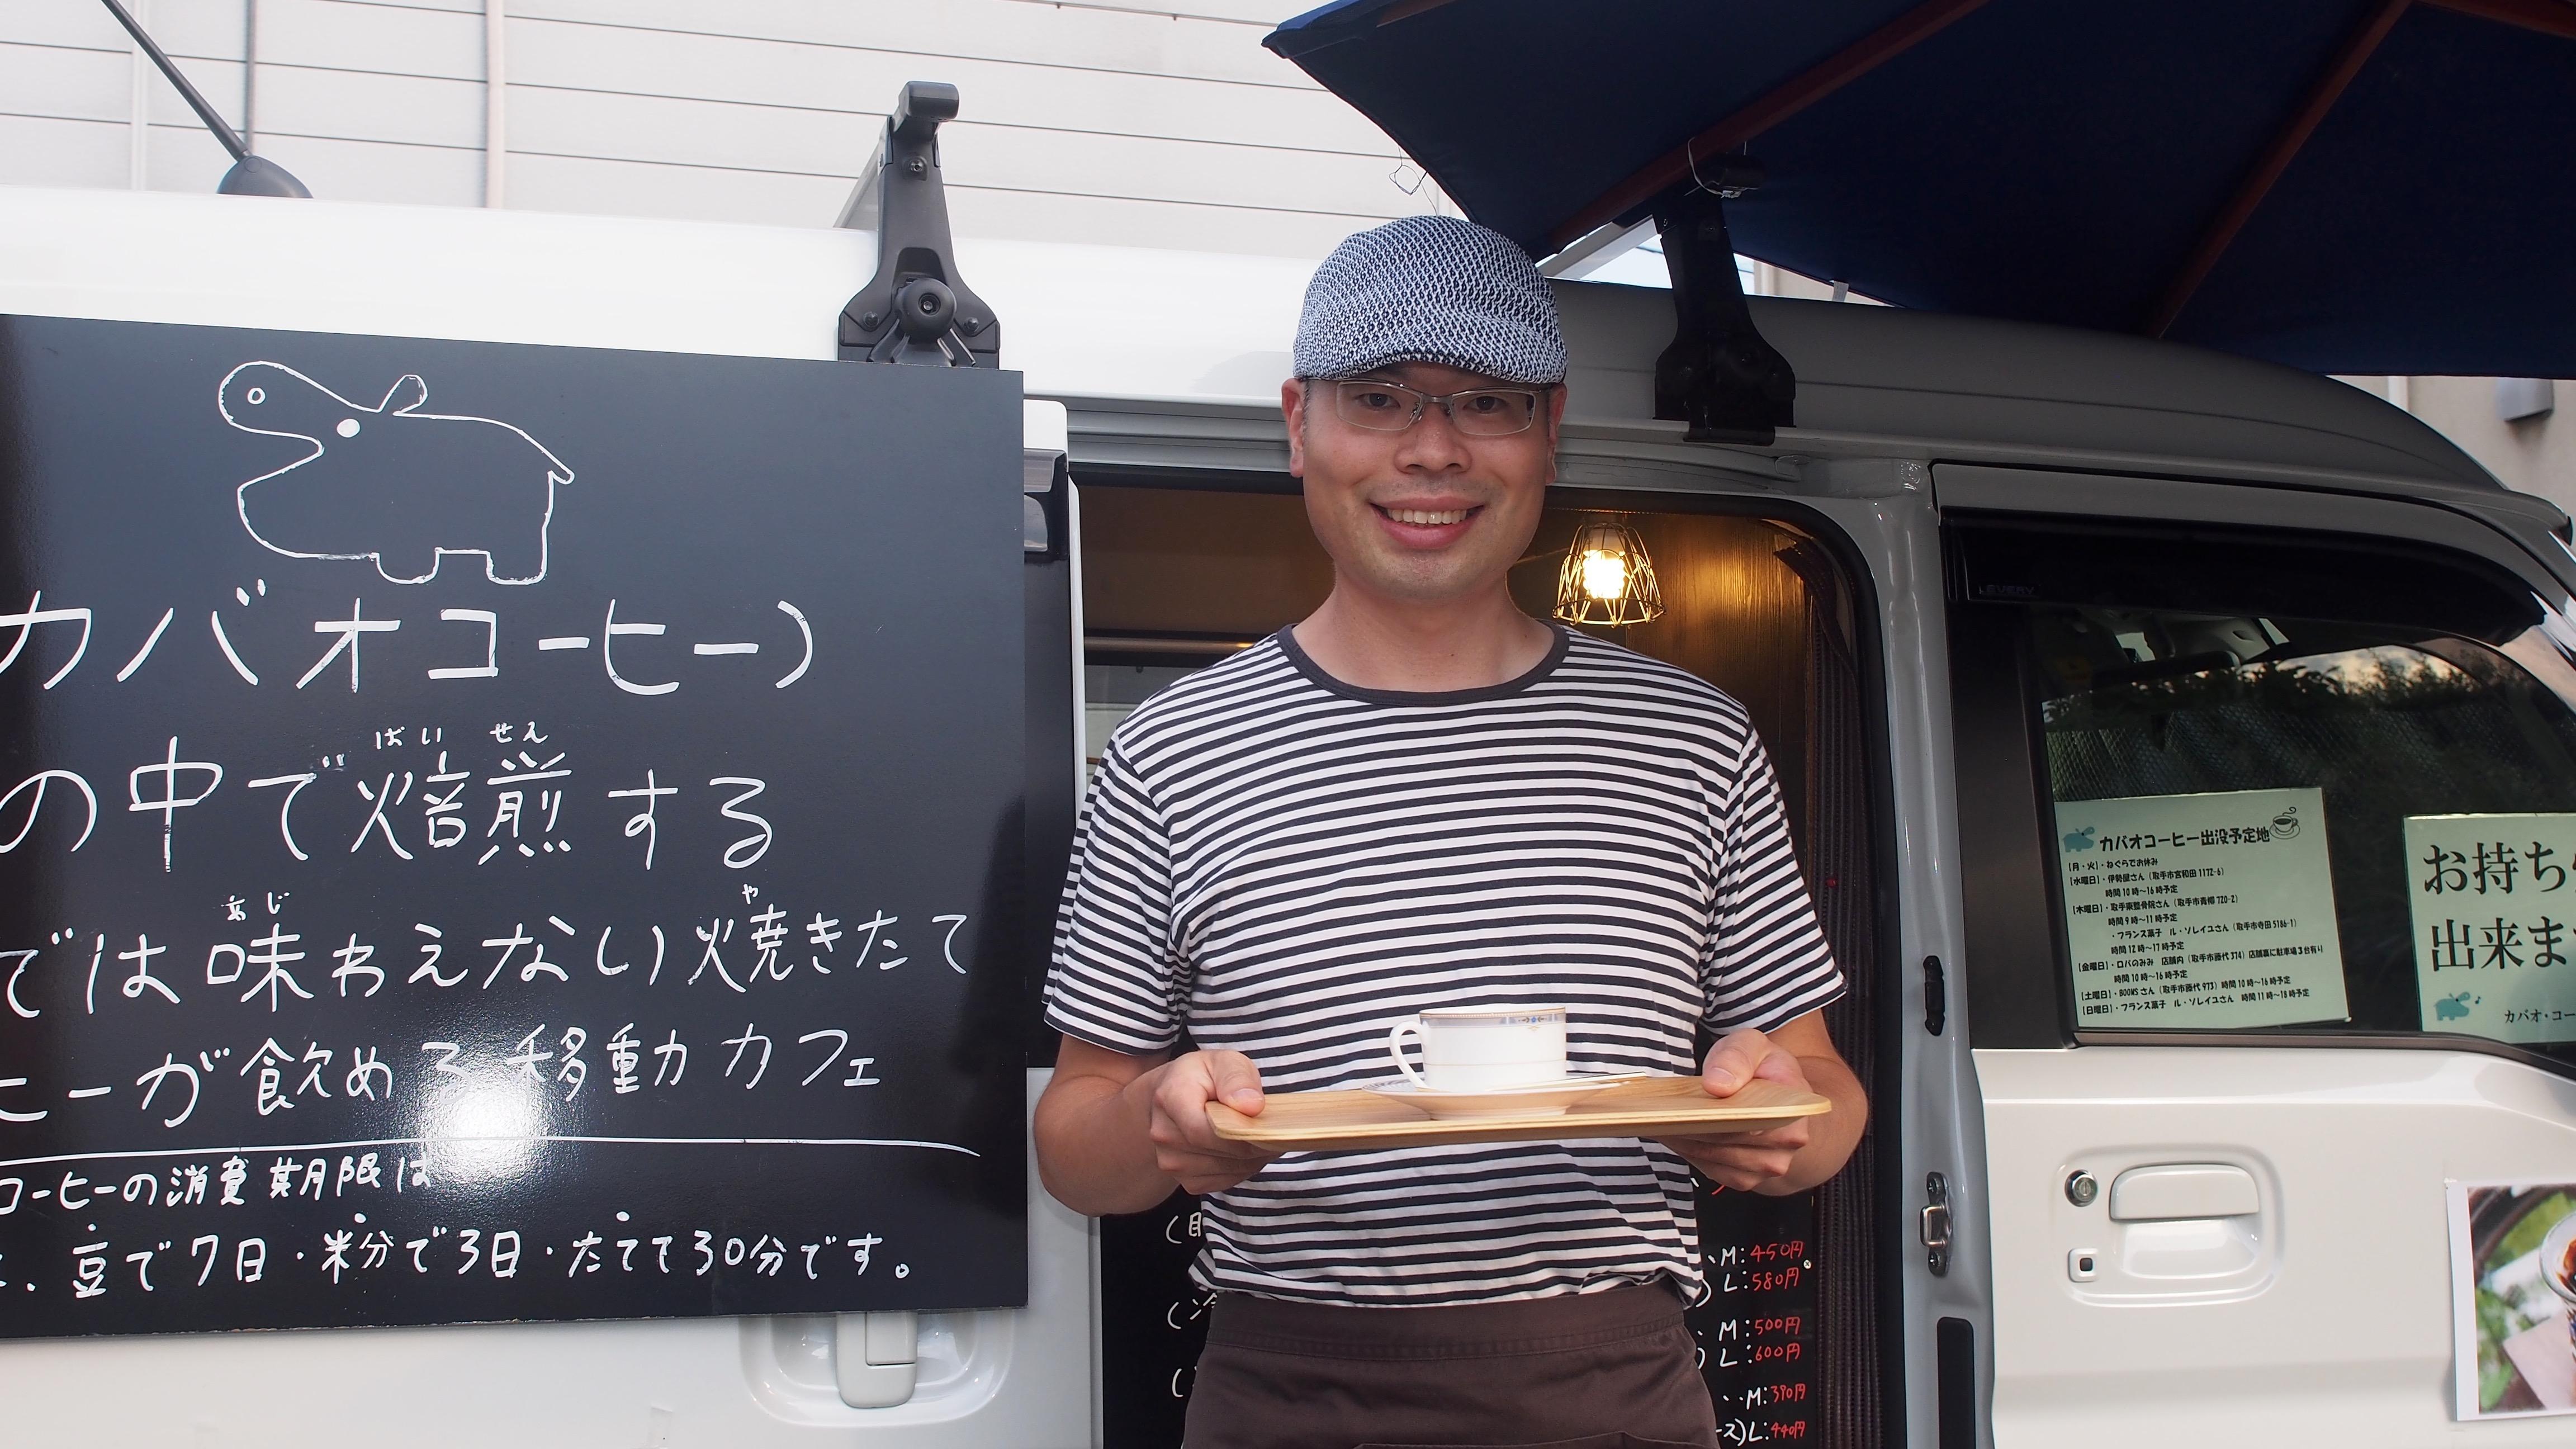 カバオコーヒー岡田祐介さん